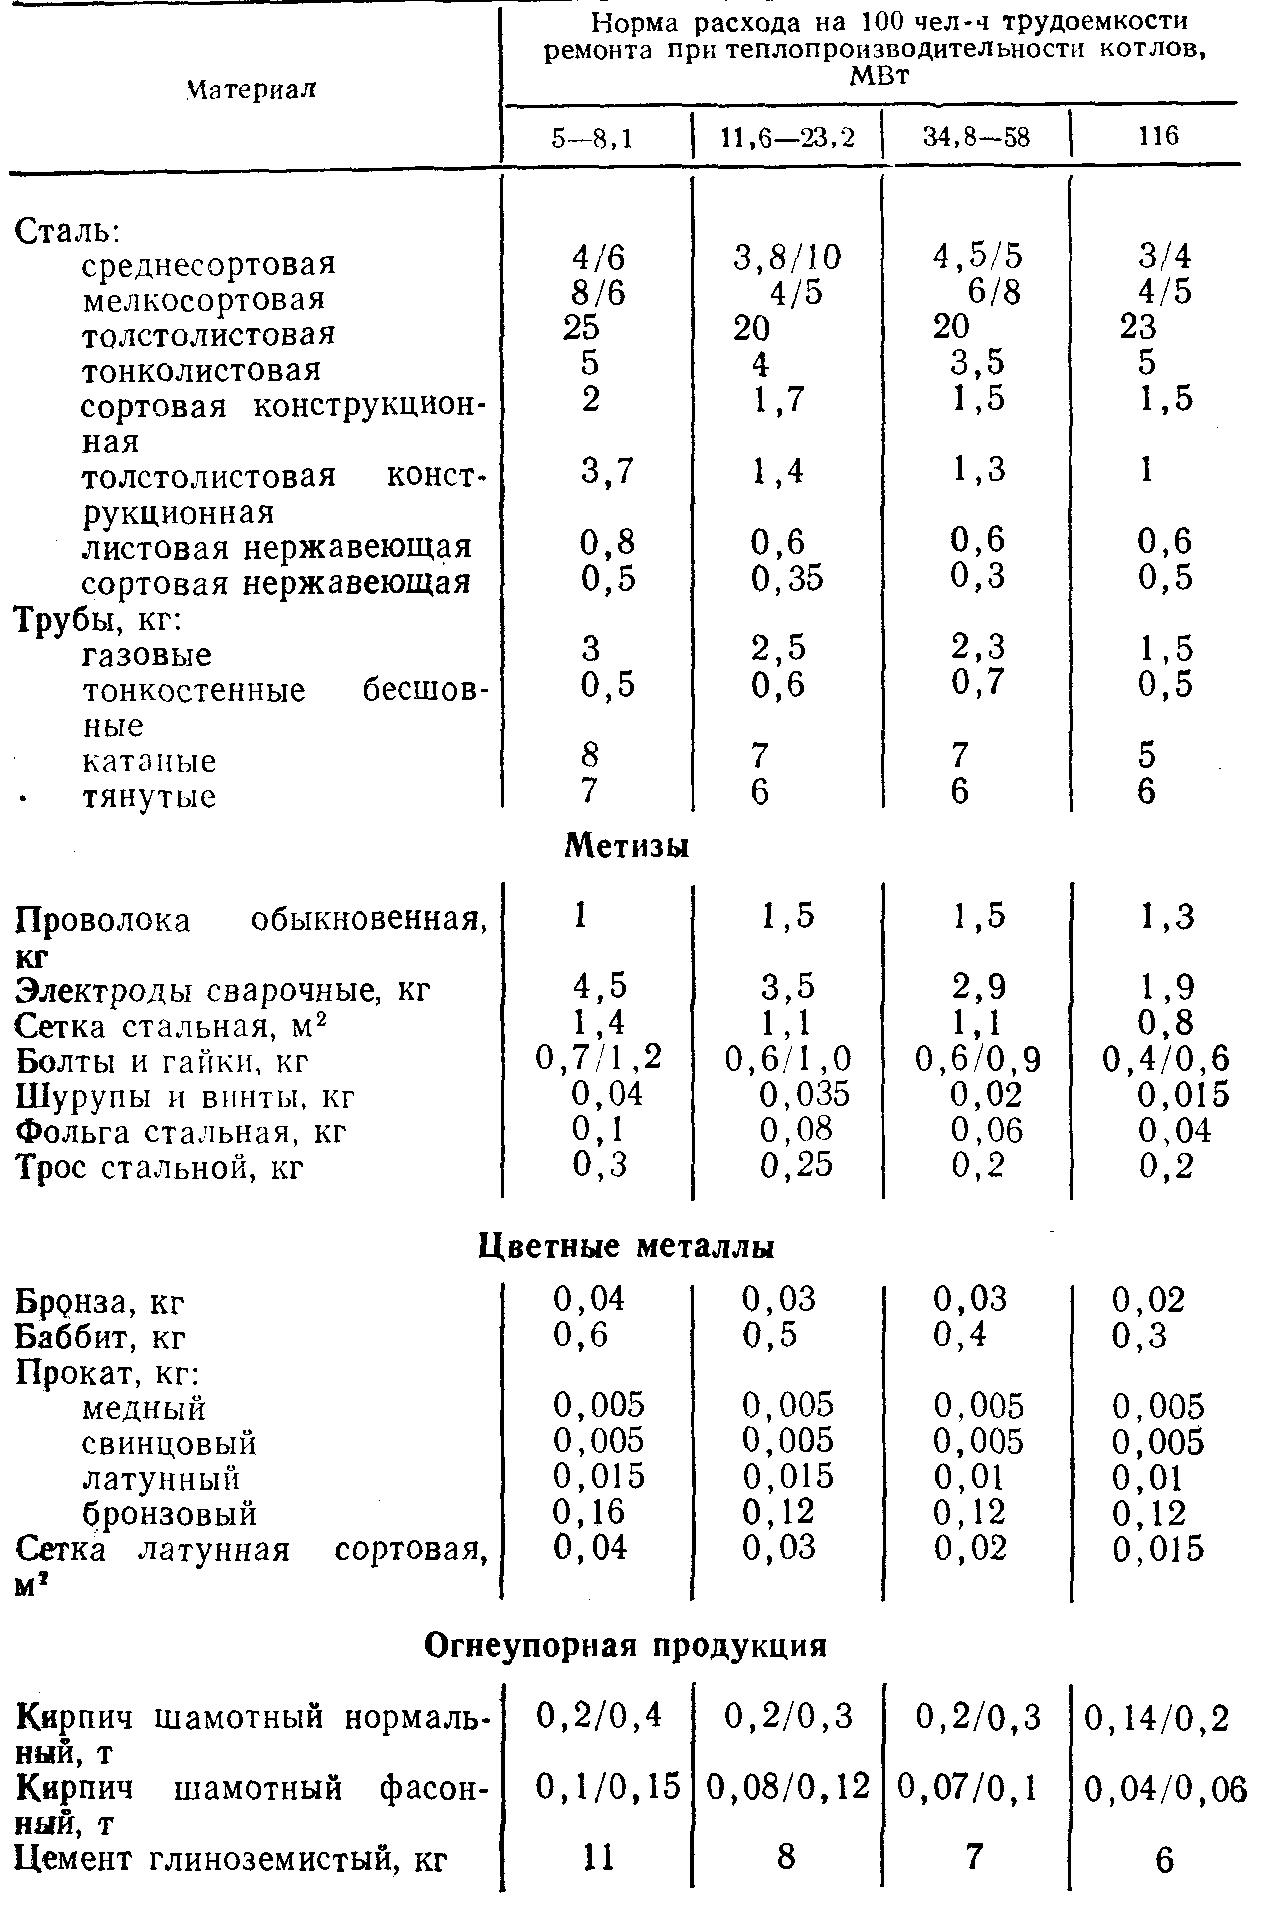 Нормы расходов на прическу